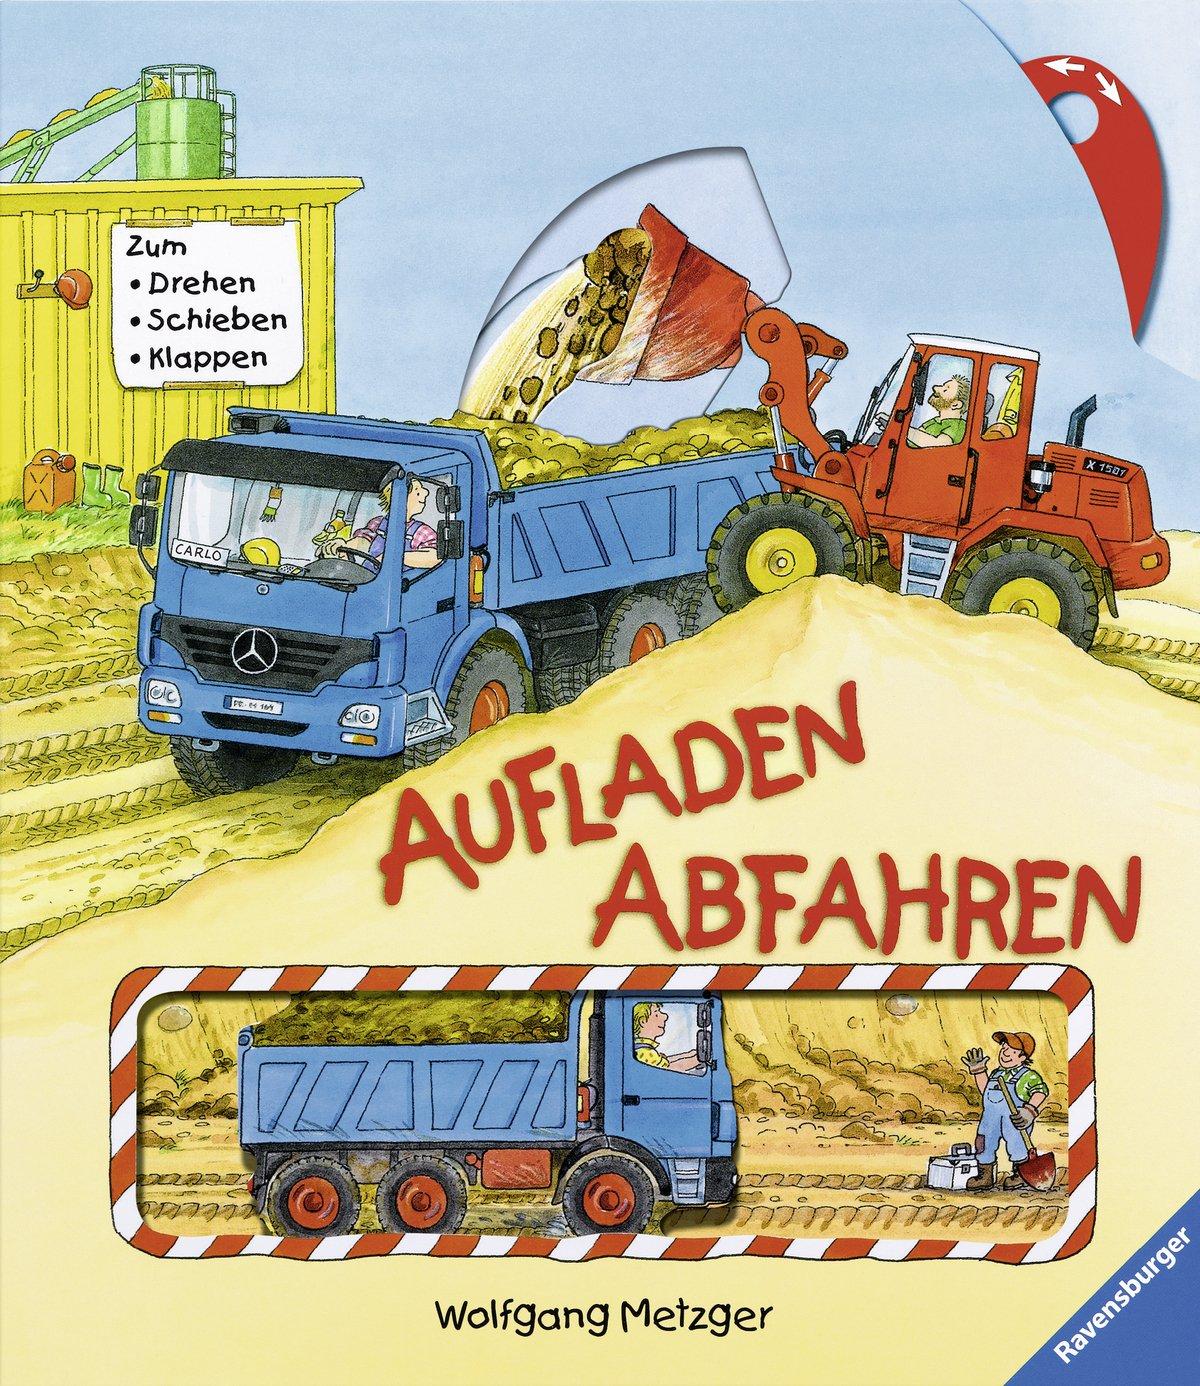 Aufladen - Abfahren: Zum Drehen, Schieben, Klappen